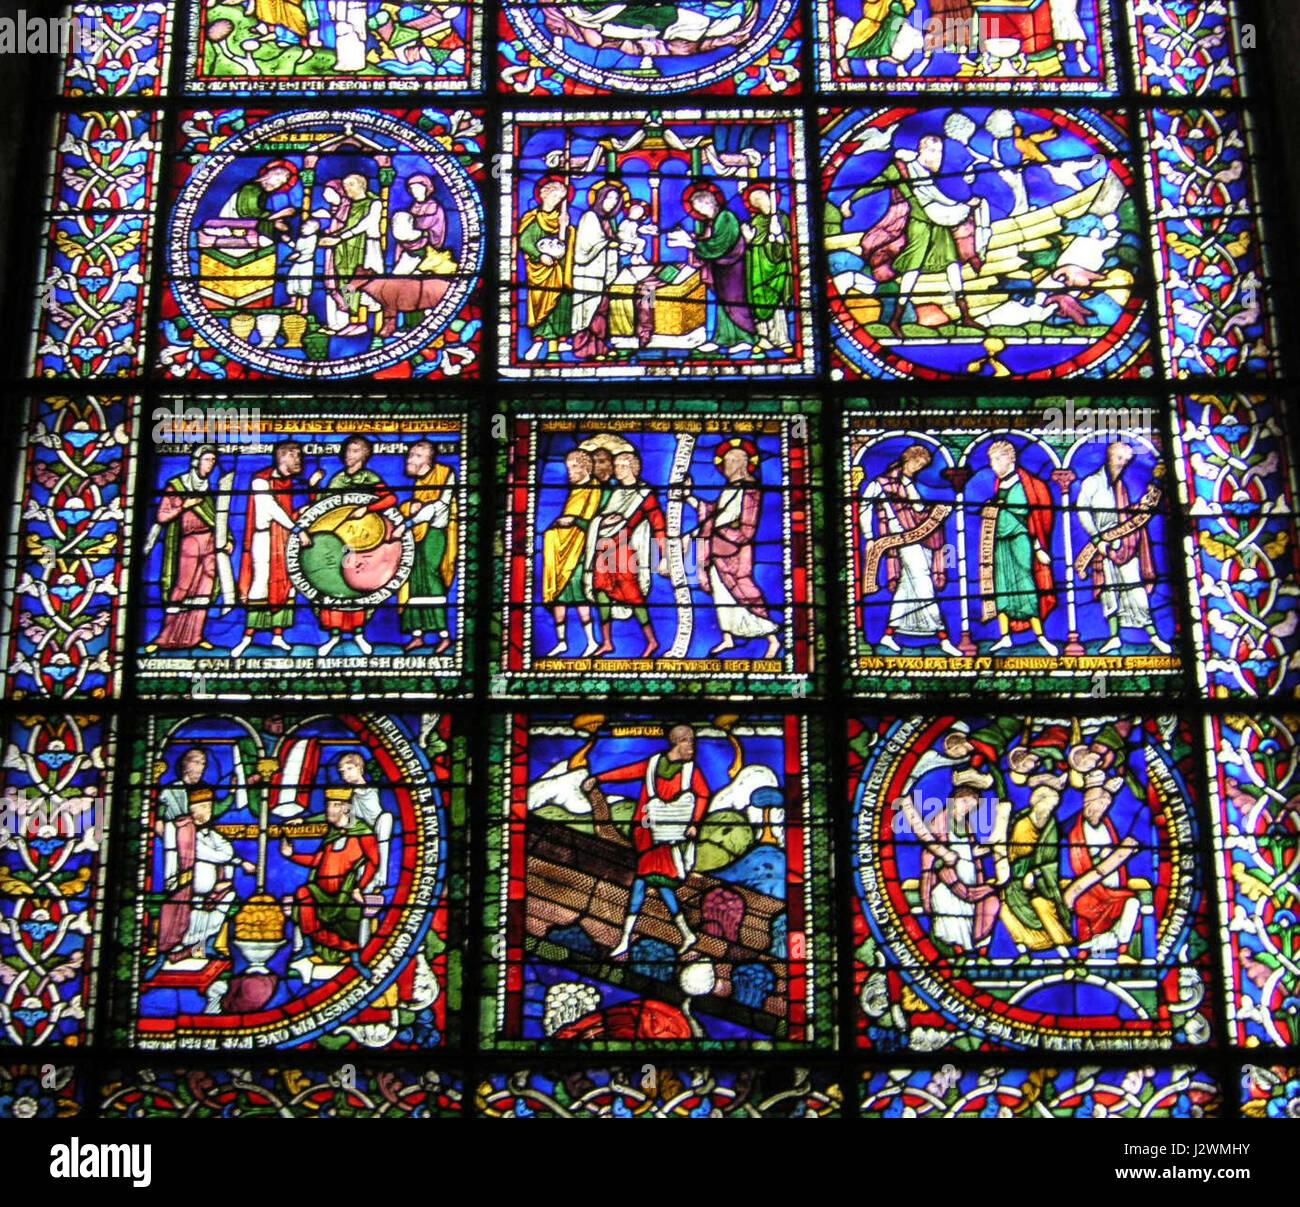 La Cathédrale De Canterbury 022 Scènes Inférieur De La Mauvaise